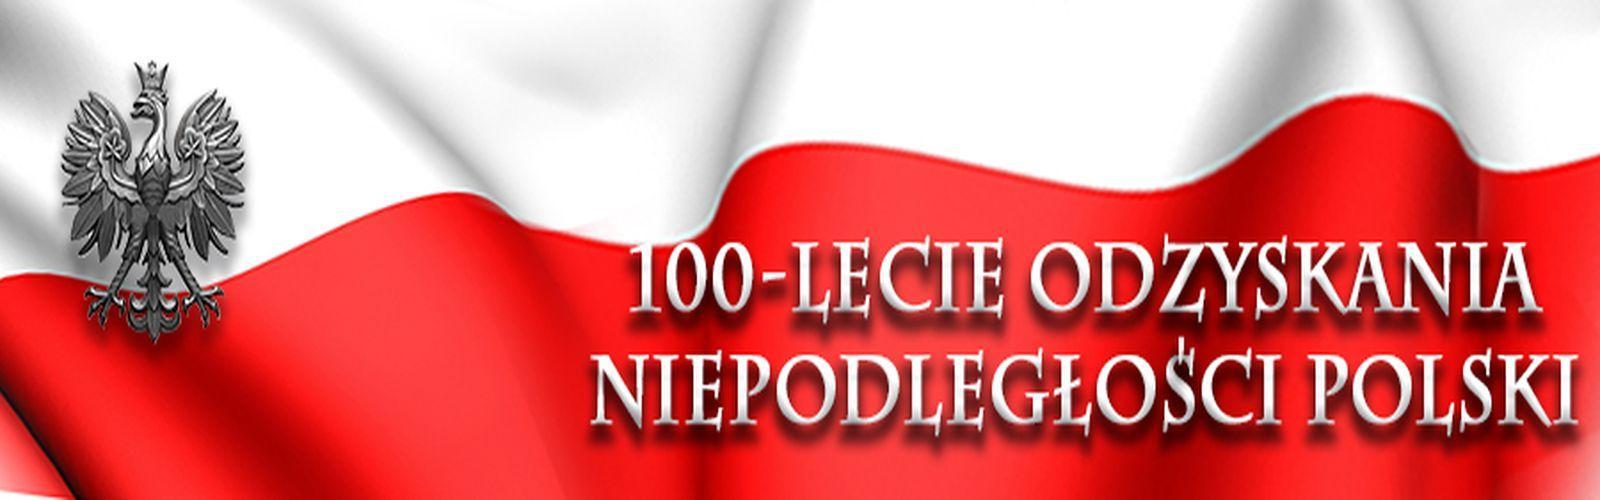 Grafika na 100-lecie odzyskania niepodległości.